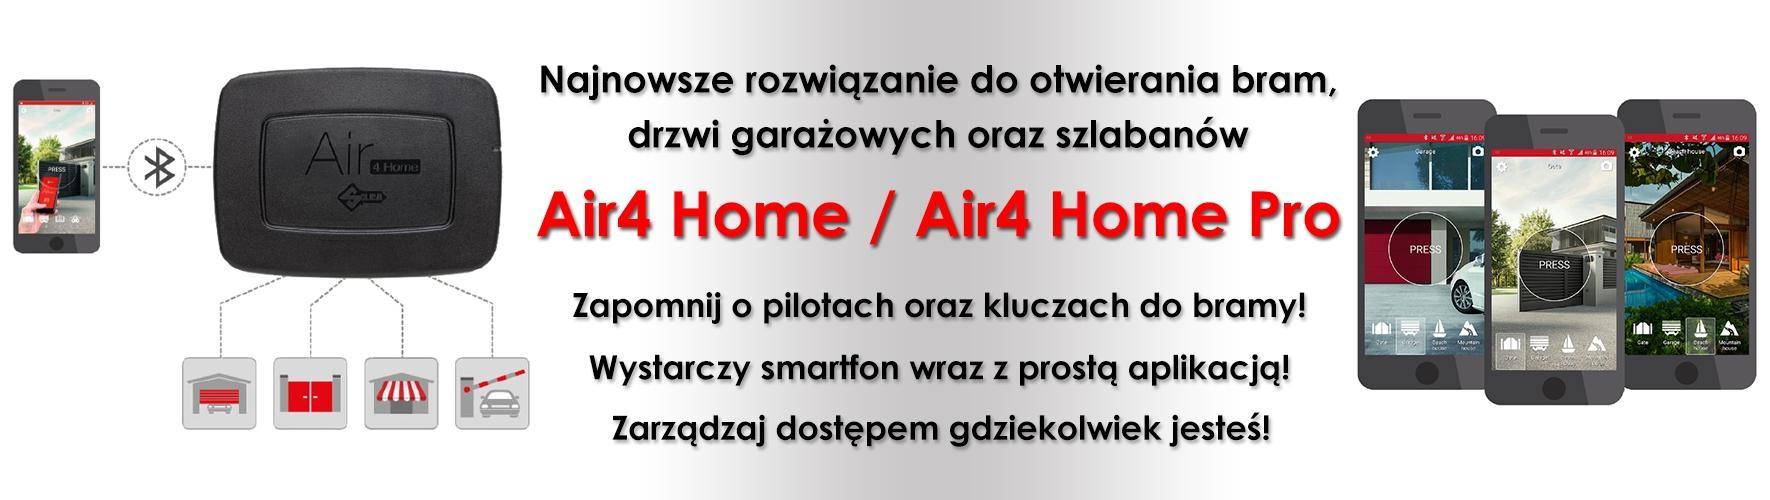 Air4 Home